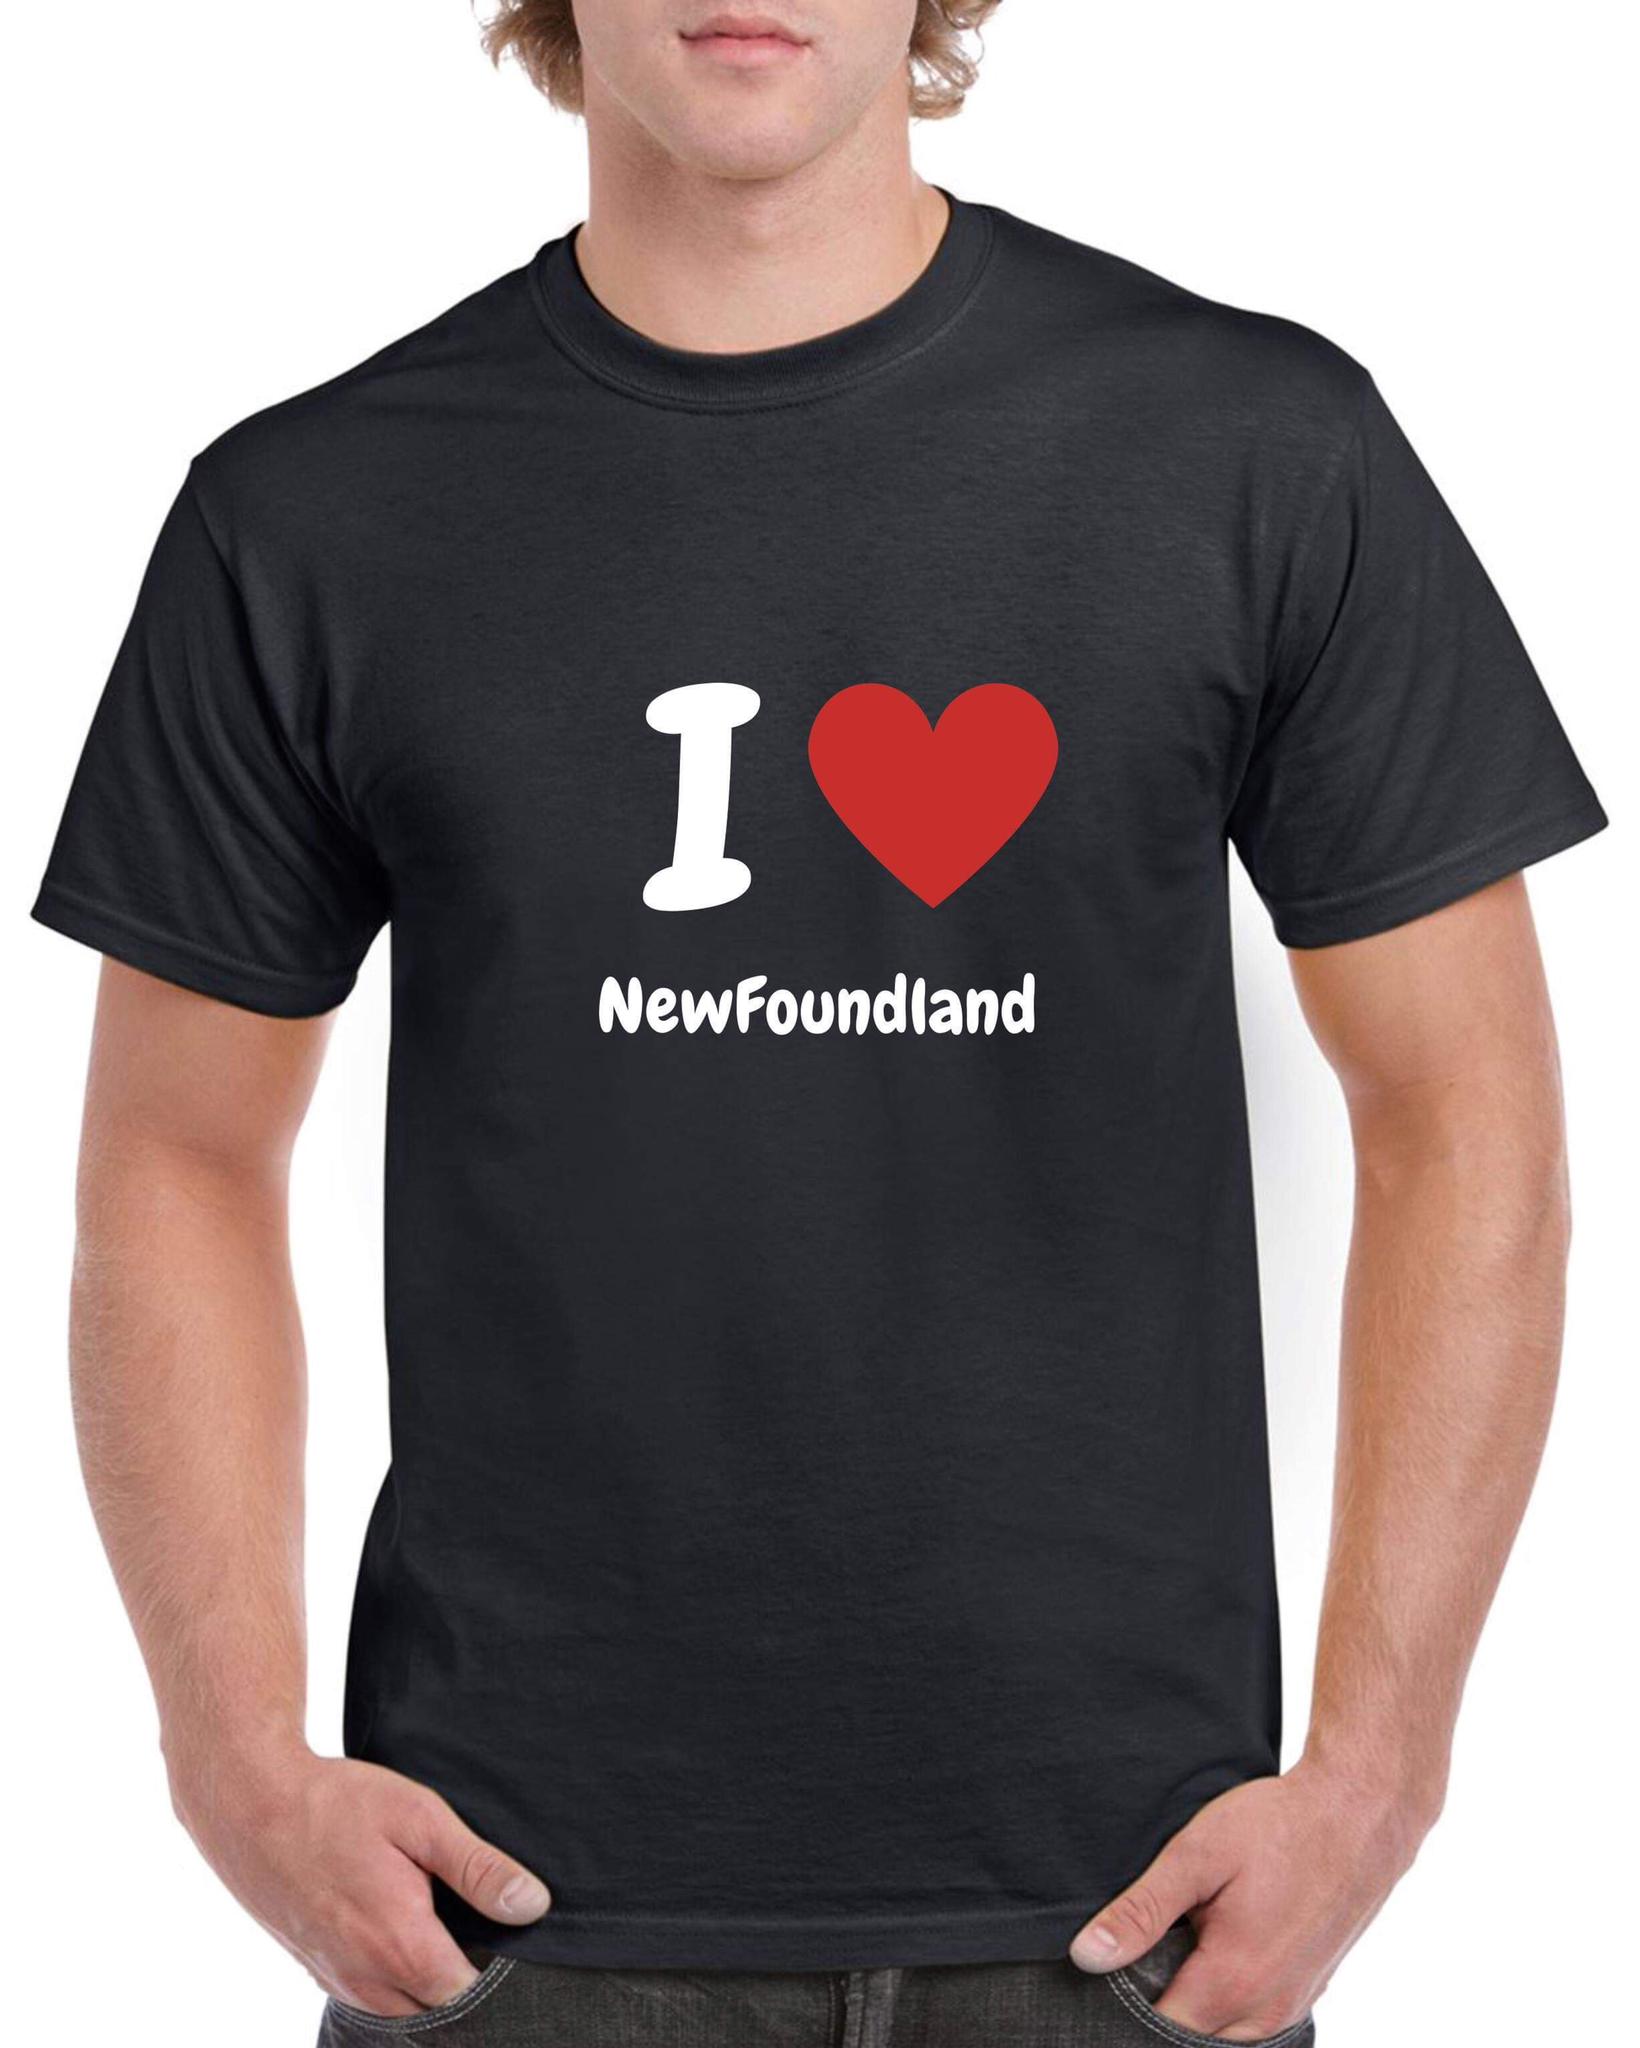 T-shirt póló - kerek-nyakú - fekete - Újfoundlandi